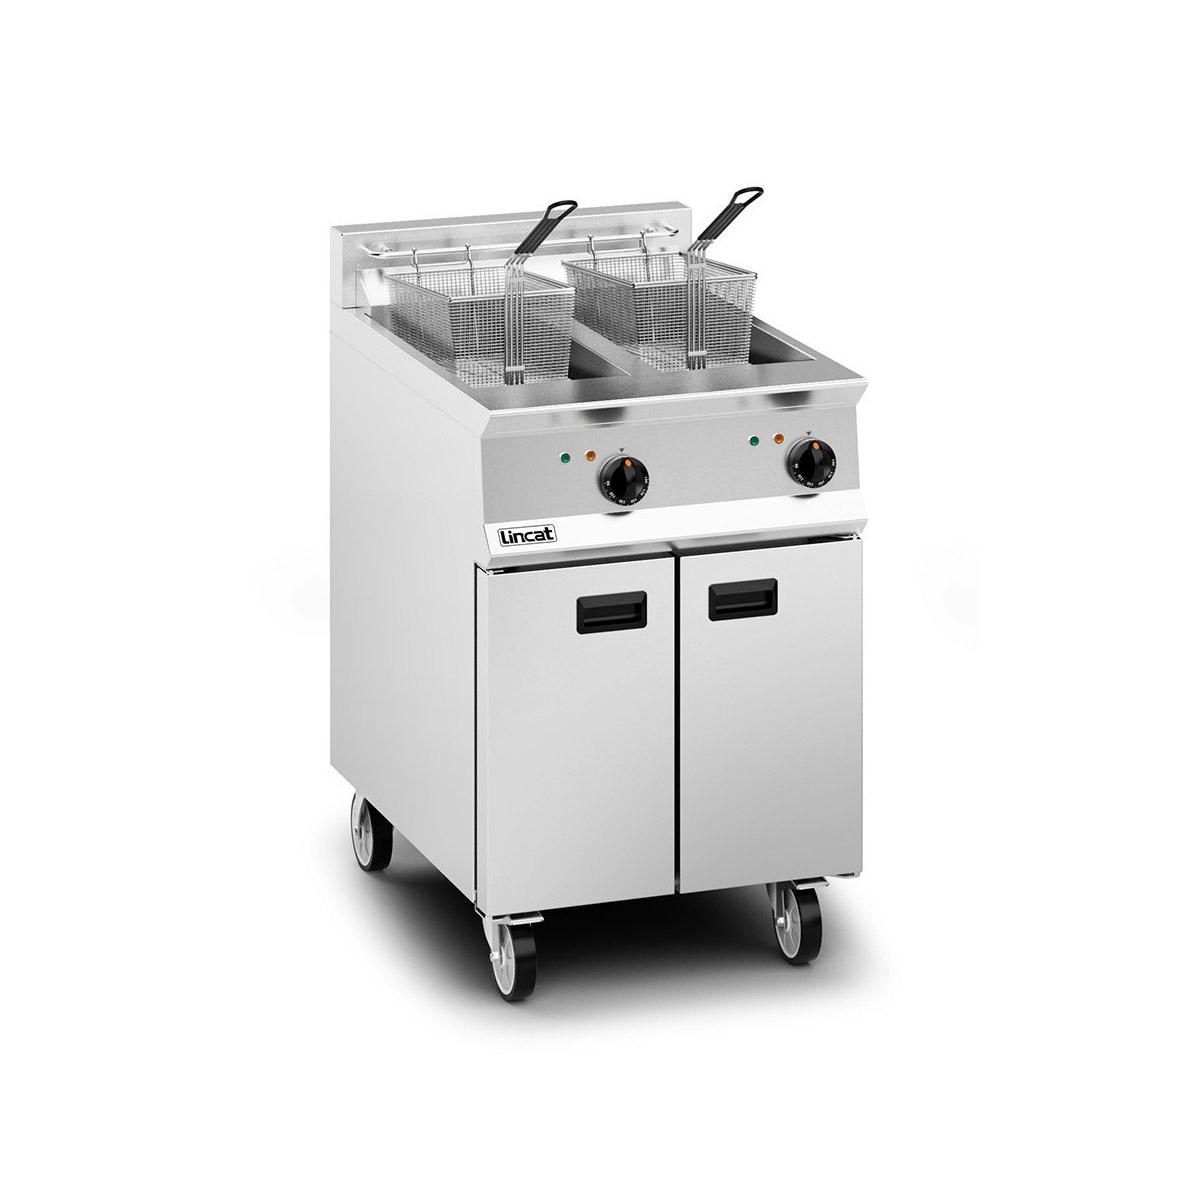 Lincat Opus 800 Electric Twin Pan Fryer Model: OE8113